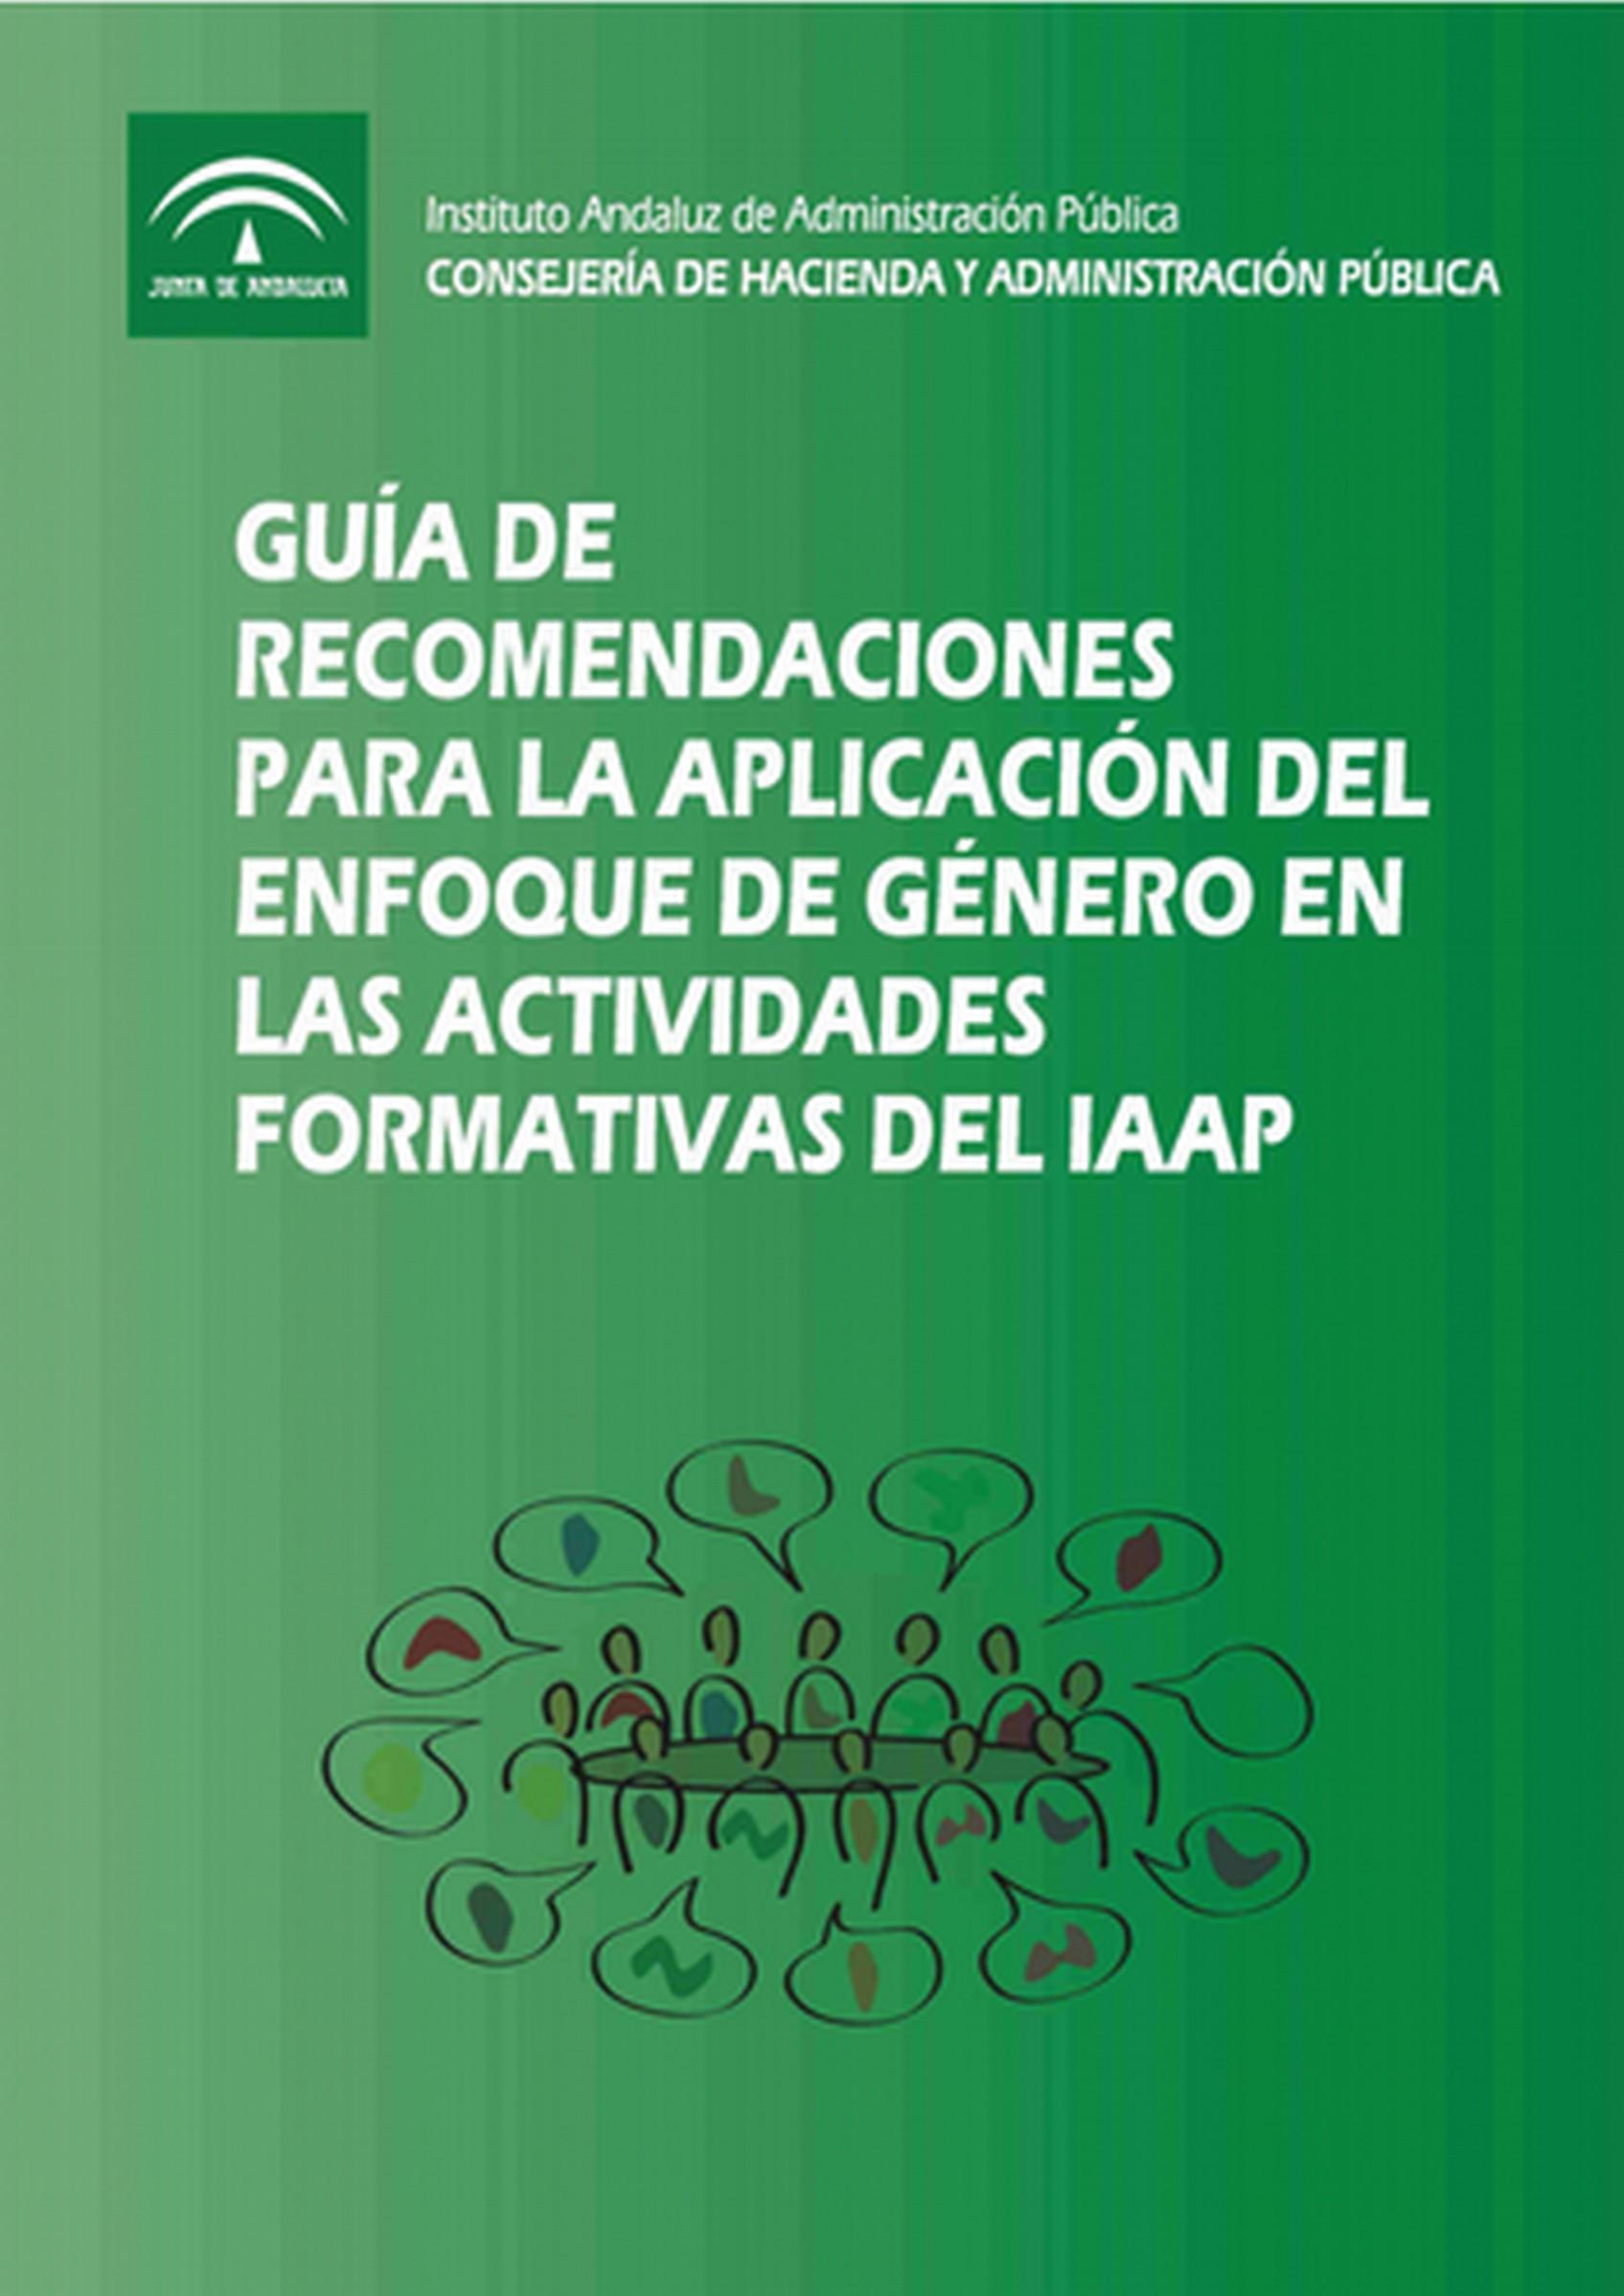 """Portada de la publicación """"Guía de recomendaciones para la aplicación del enfoque de género en las actividades formativas del IAAP"""""""